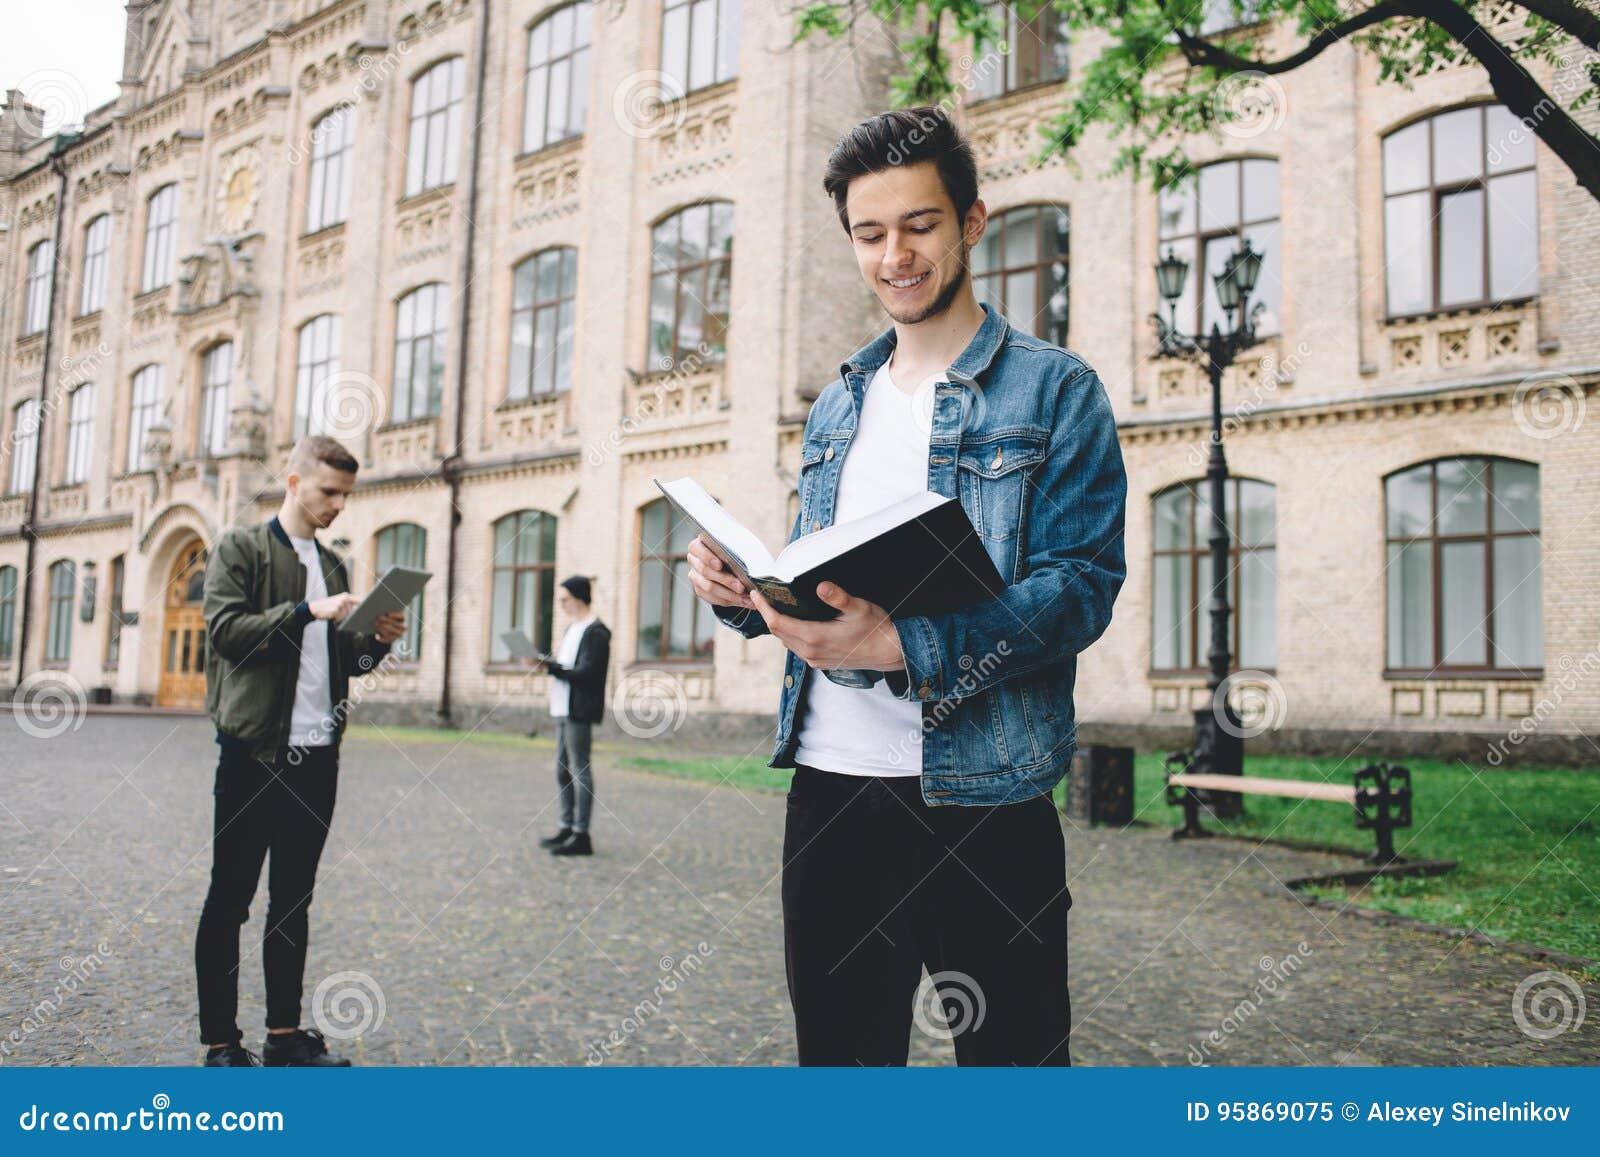 Επιτυχείς ευτυχείς σπουδαστές που στέκονται κοντά στην πανεπιστημιούπολη ή το πανεπιστήμιο έξω